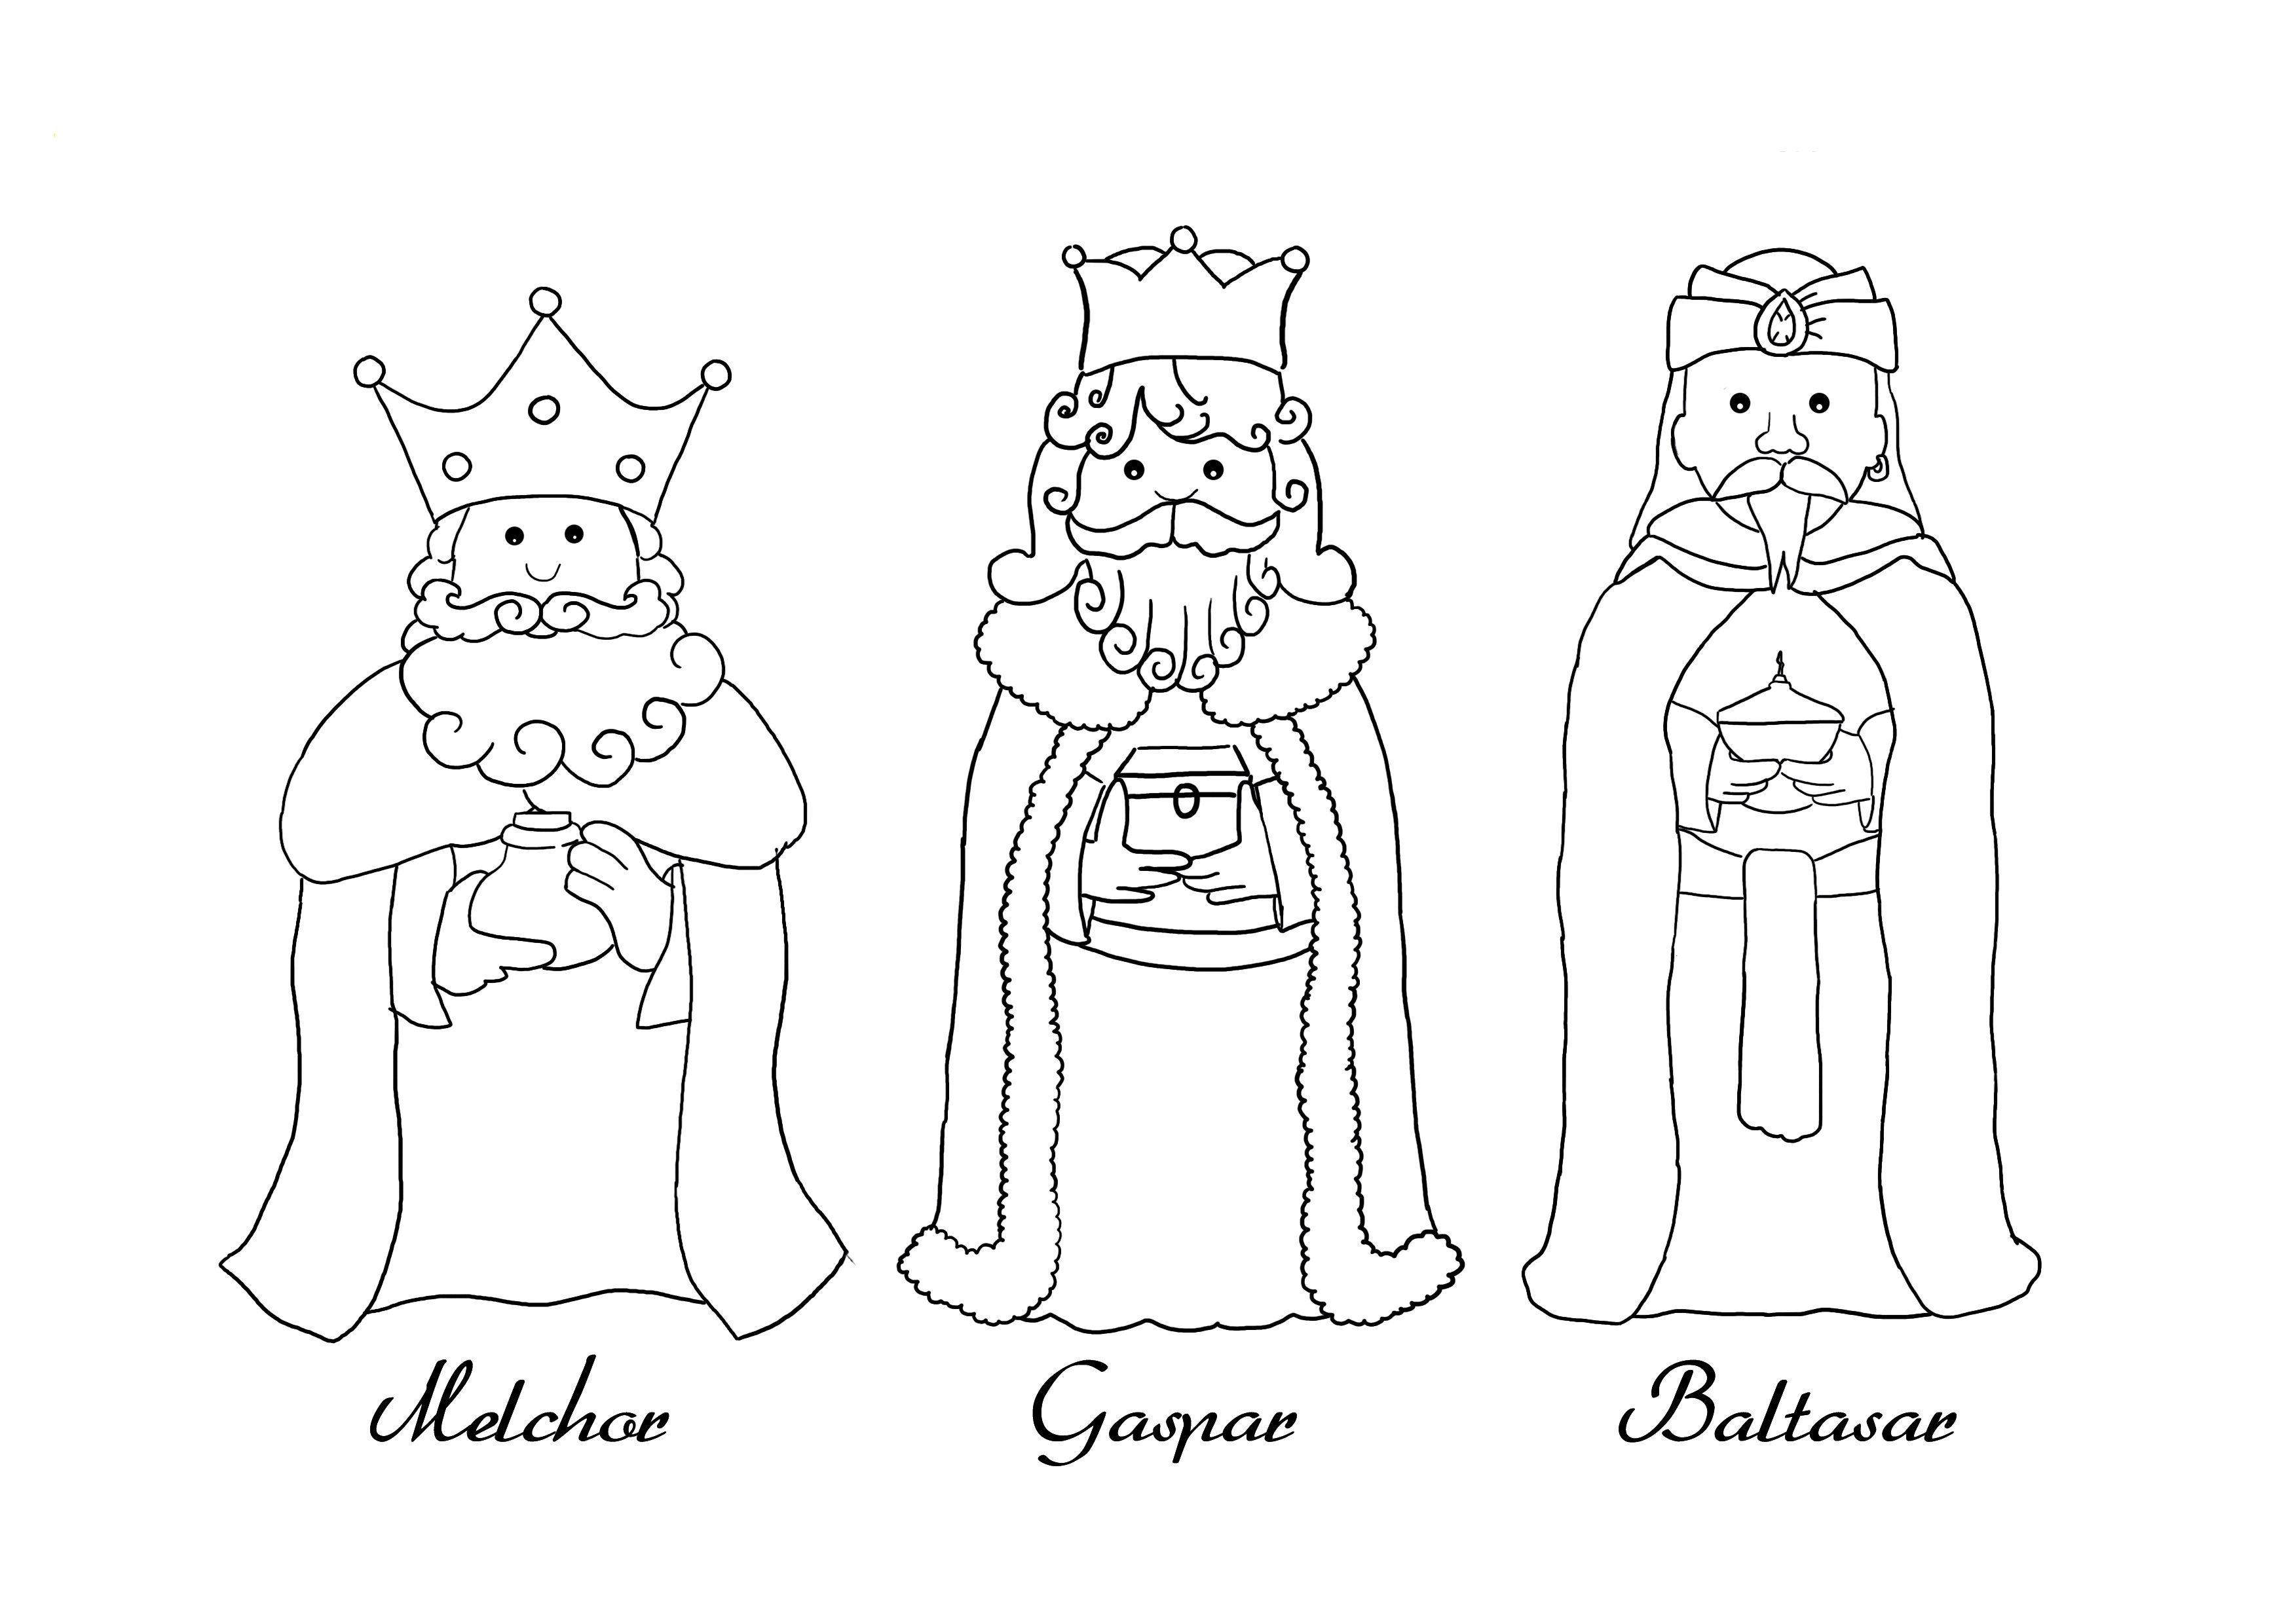 10 Dibujos De Reyes Magos Para Colorear En 2020 Reyes Magos Dibujos Dibujos De Reyes Silueta Reyes Magos